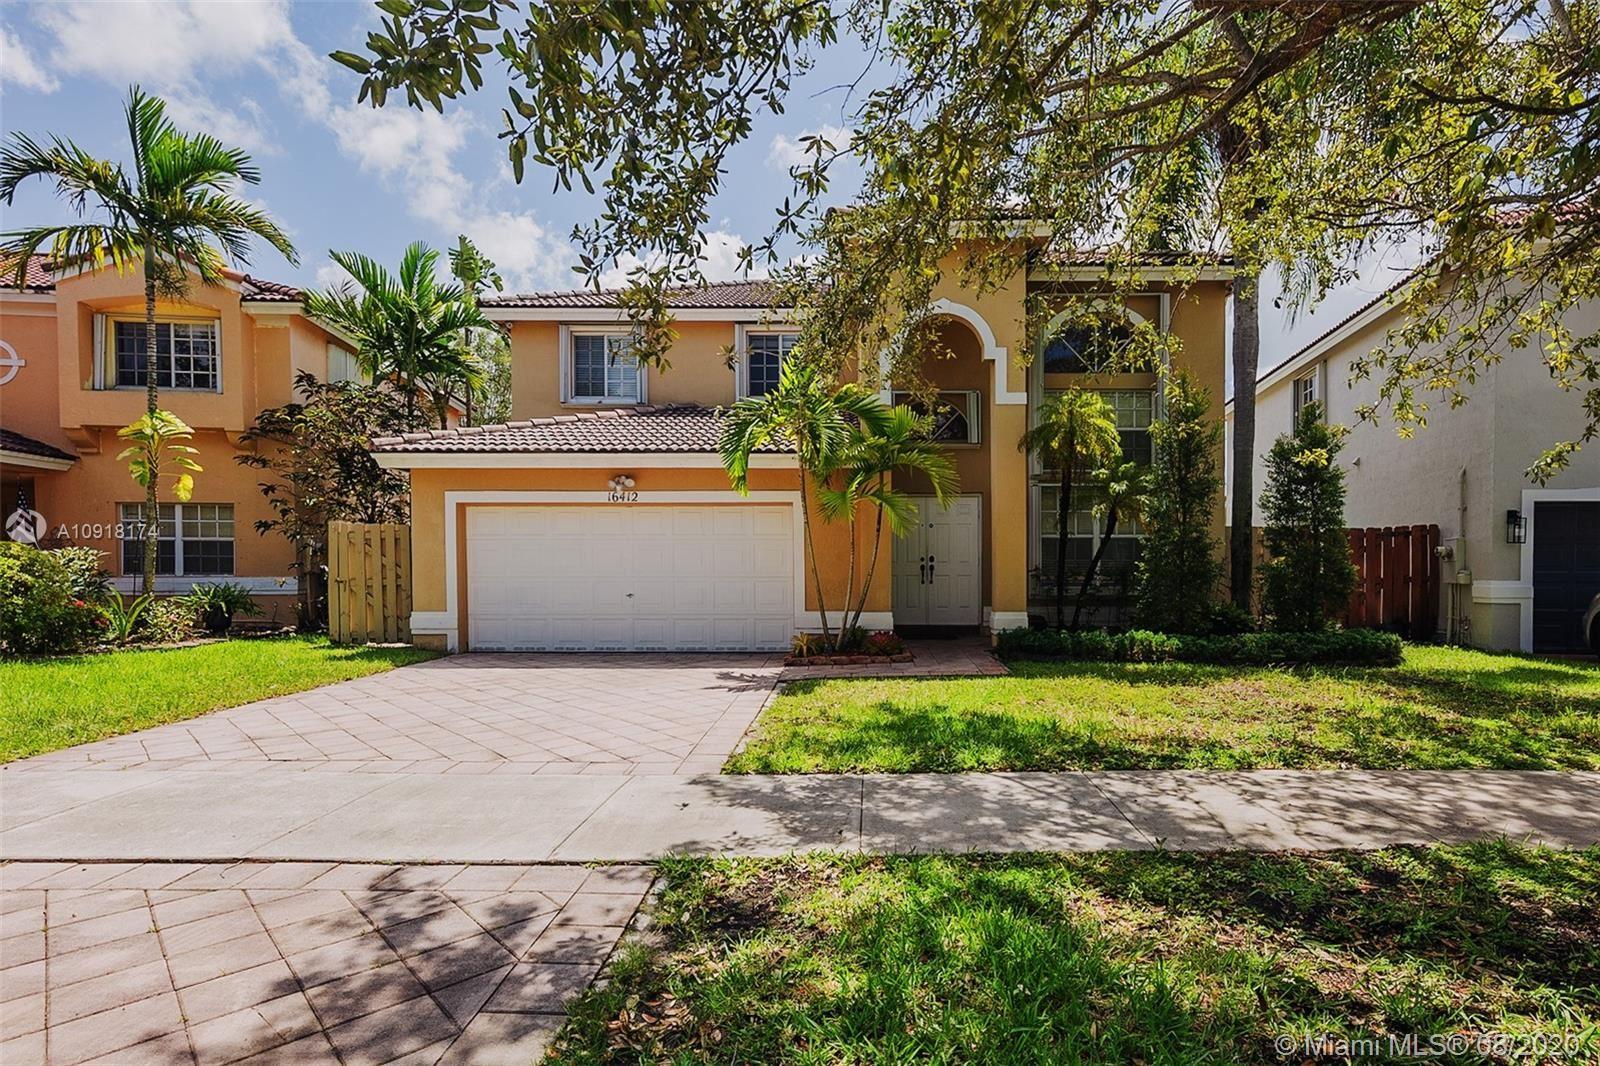 16412 SW 101st Ter, Miami, FL 33196 - #: A10918174